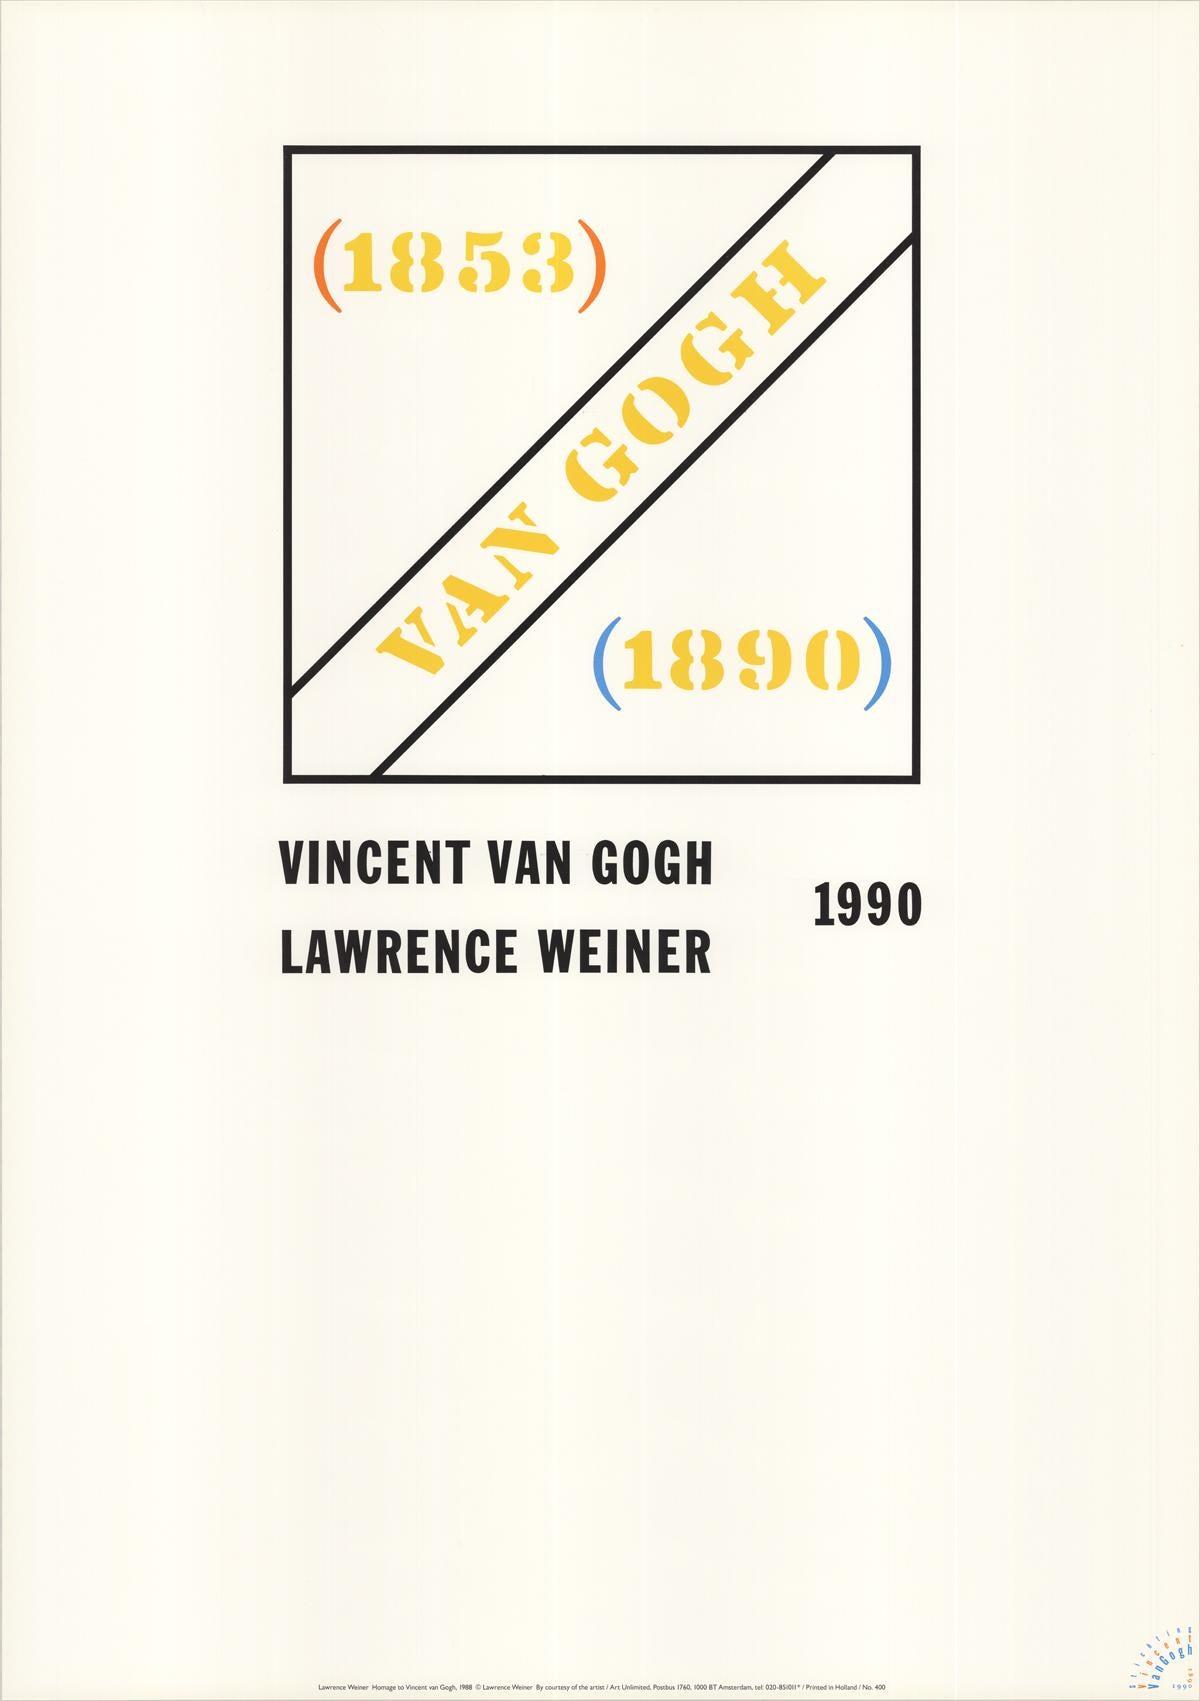 Homage to Vincent Van Gogh